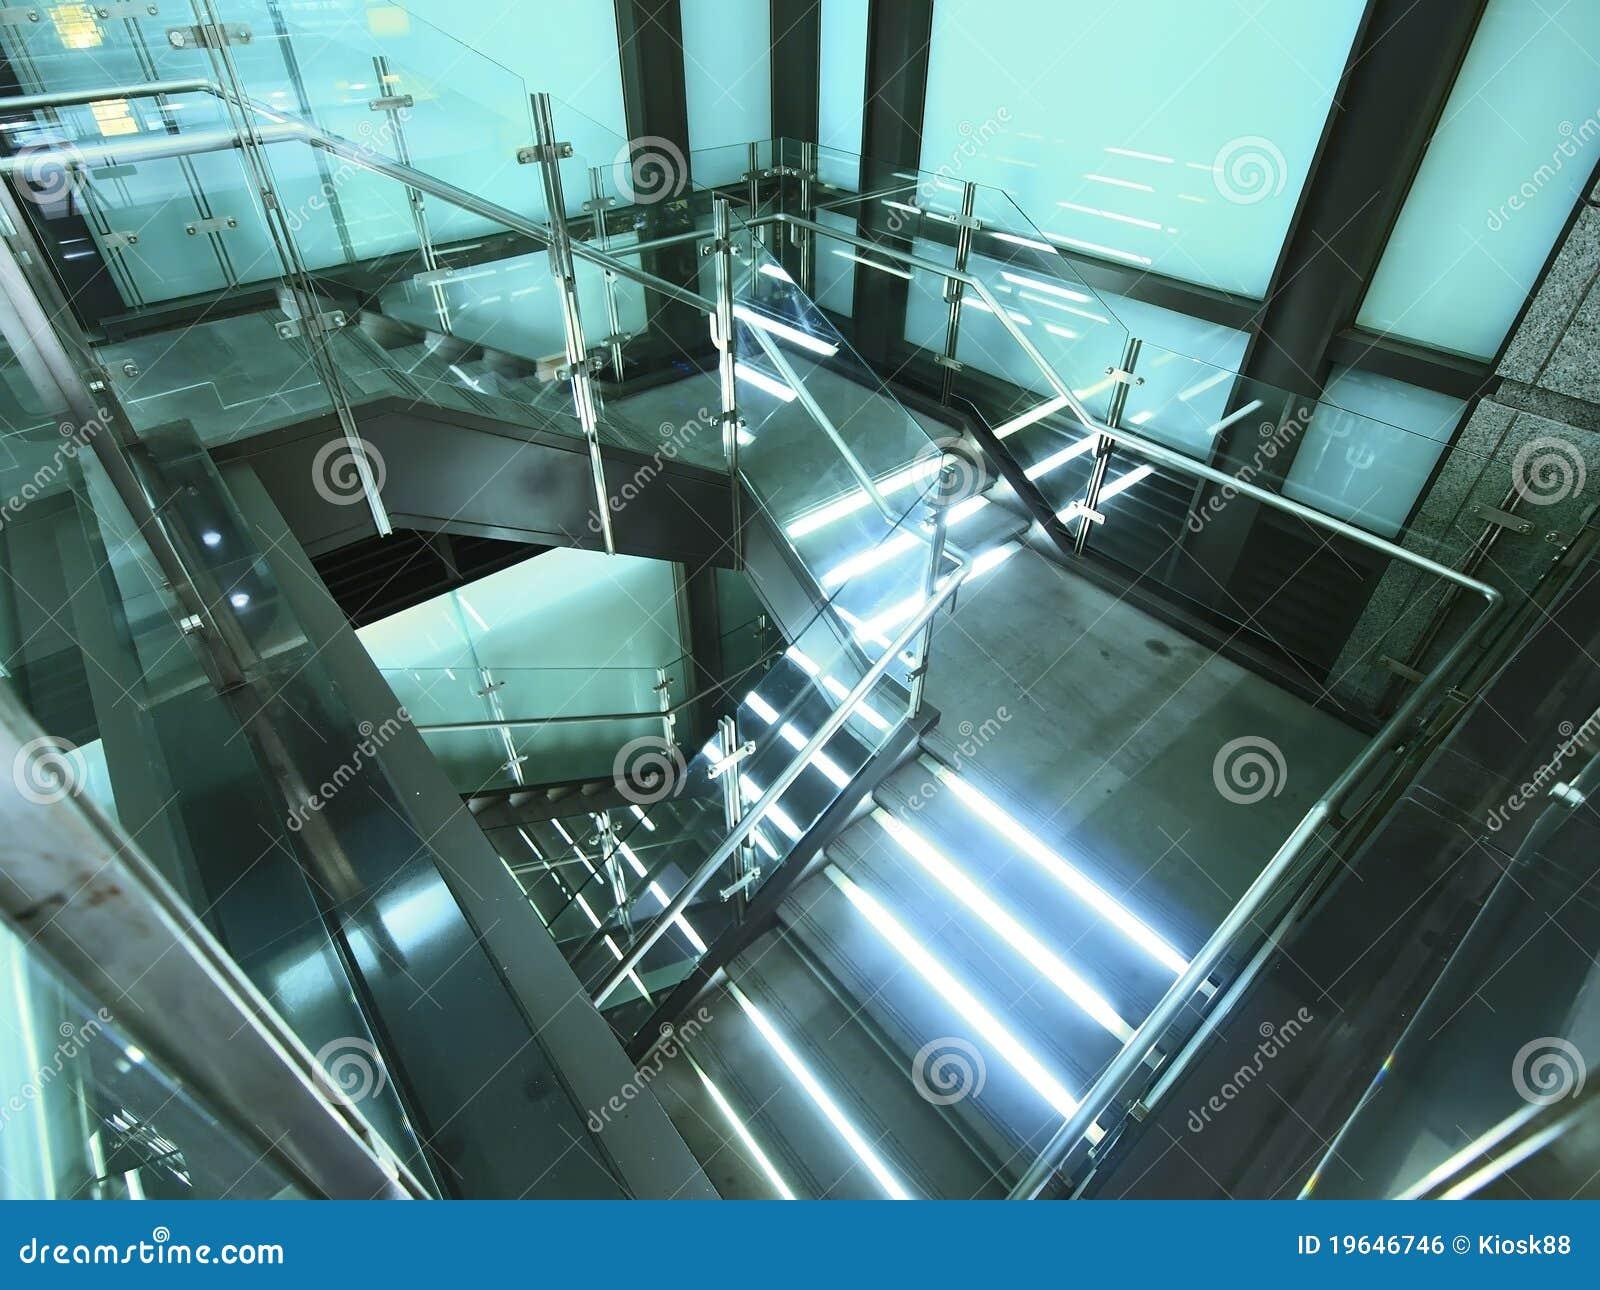 escalier lumineux image libre de droits image 19646746. Black Bedroom Furniture Sets. Home Design Ideas